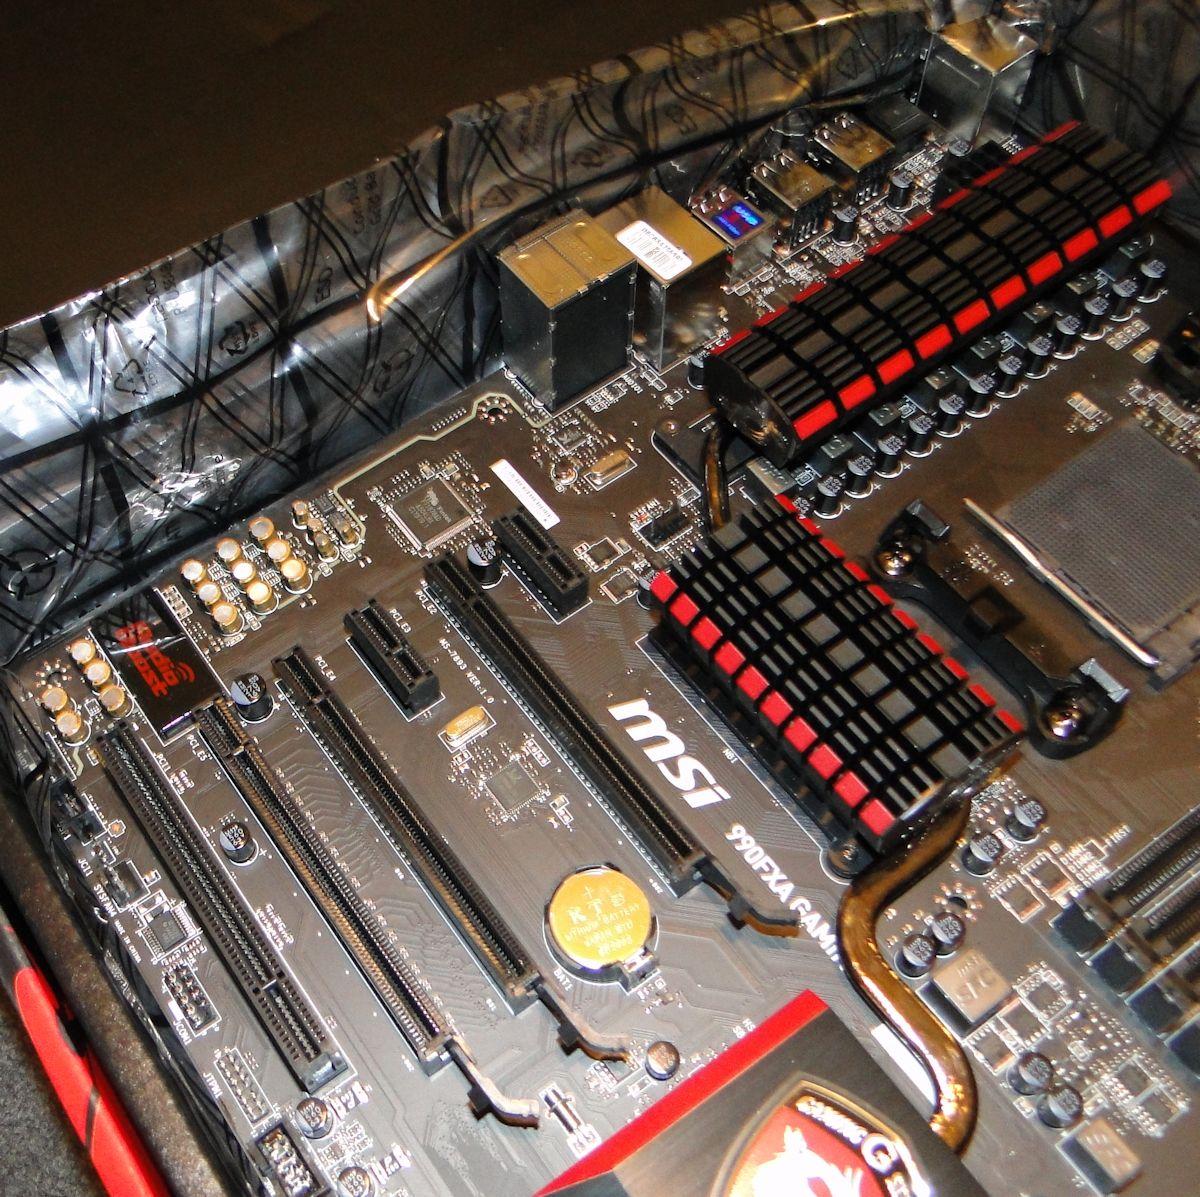 msi-990fxa-g-03.jpg